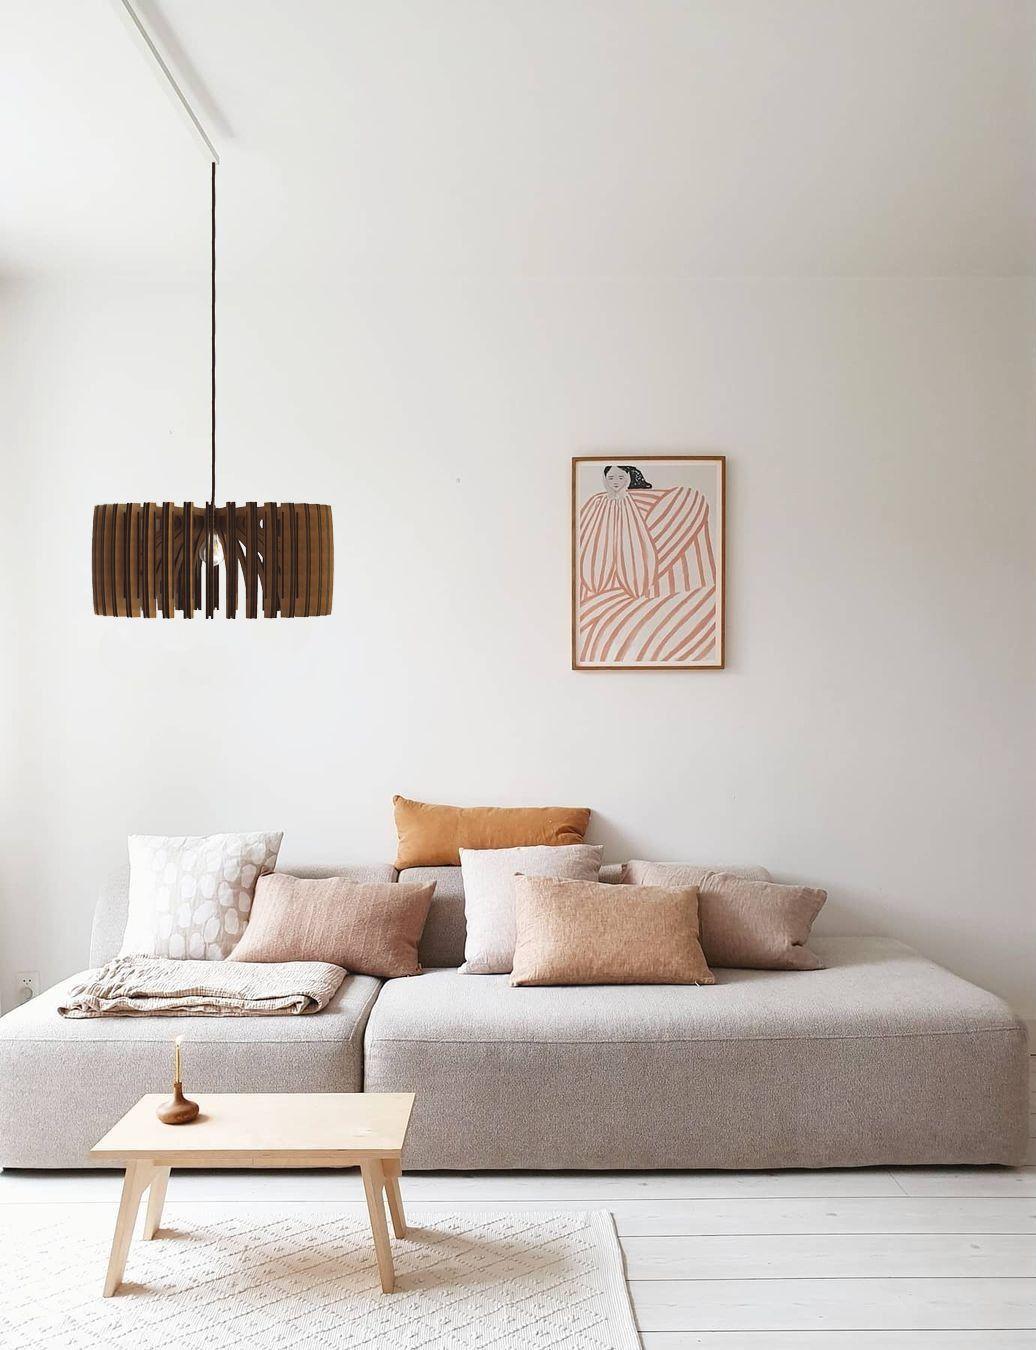 Interior Design Ideen und Inspiration für die Einrichtung von deinem Wohnzimmer oder Esszimmer sowie Deko und Möbel dafür. Von skandinavischem/nordic über minimalistisches und Industrie Design.